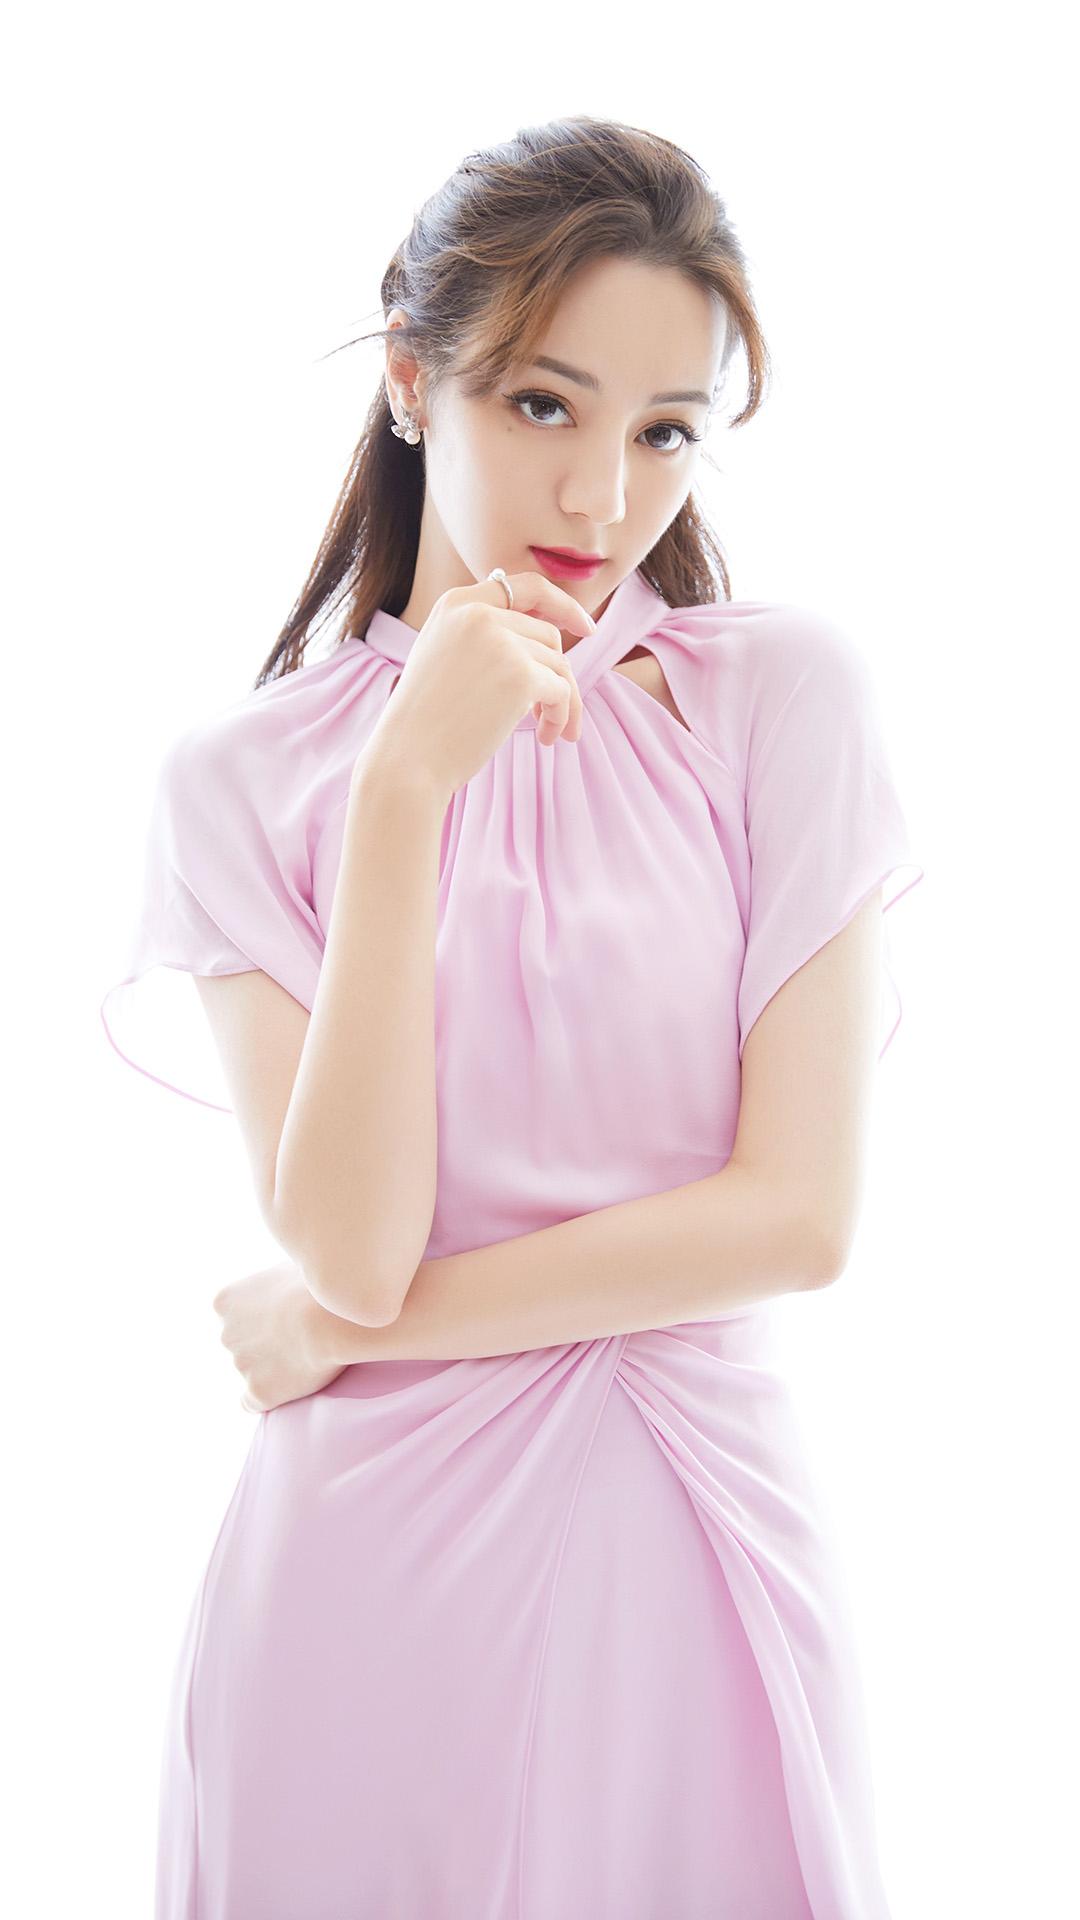 迪丽热巴粉色裙性感时尚写真图片手机壁纸